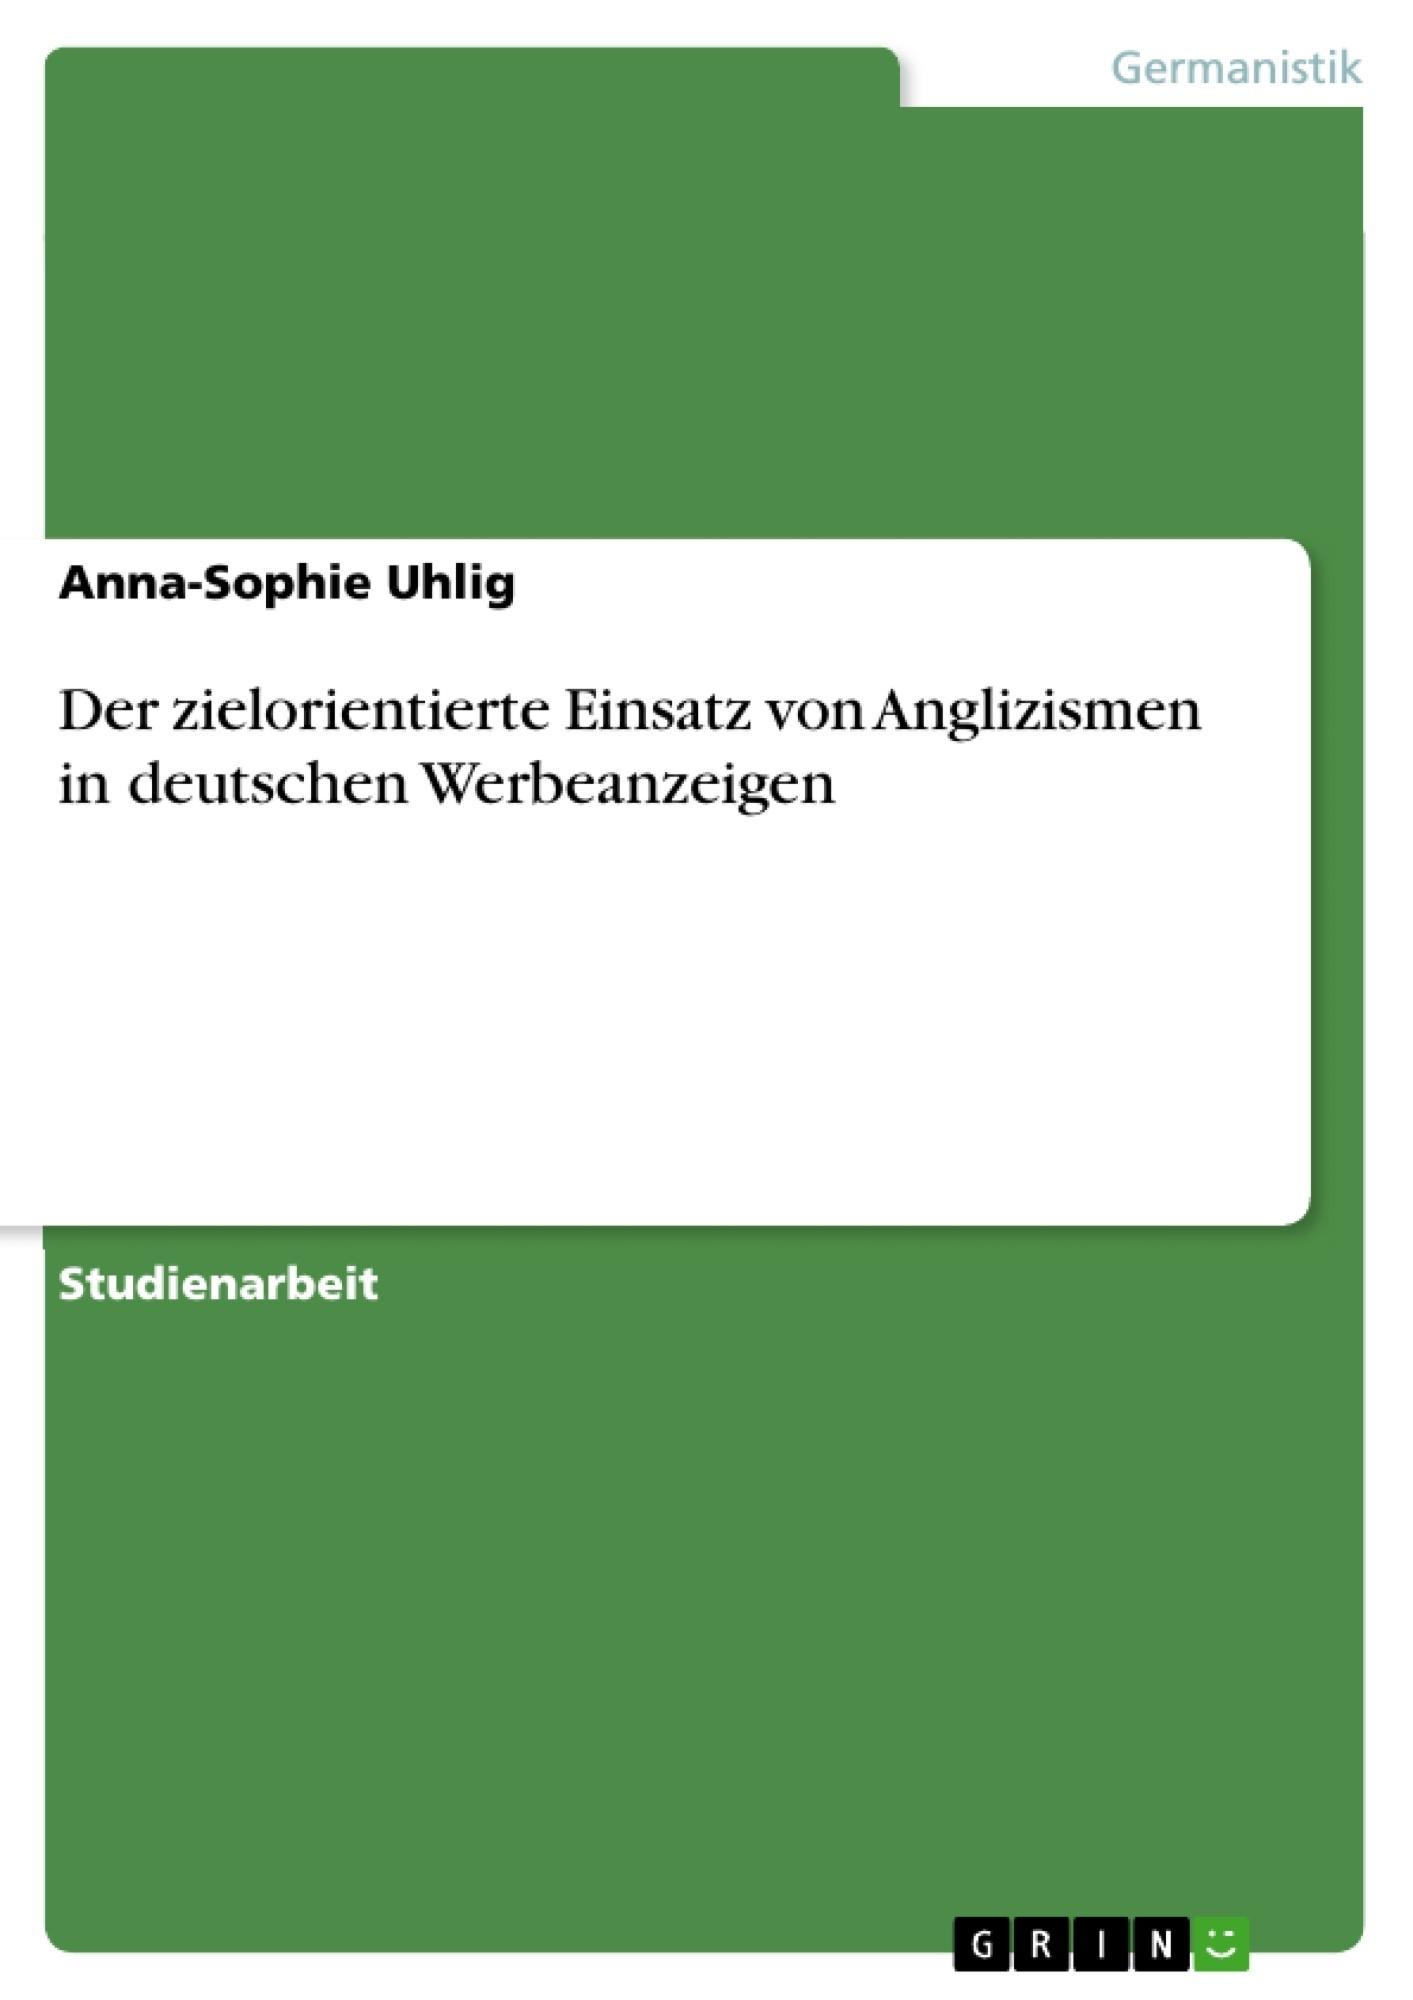 Titel: Der zielorientierte Einsatz von Anglizismen in deutschen Werbeanzeigen